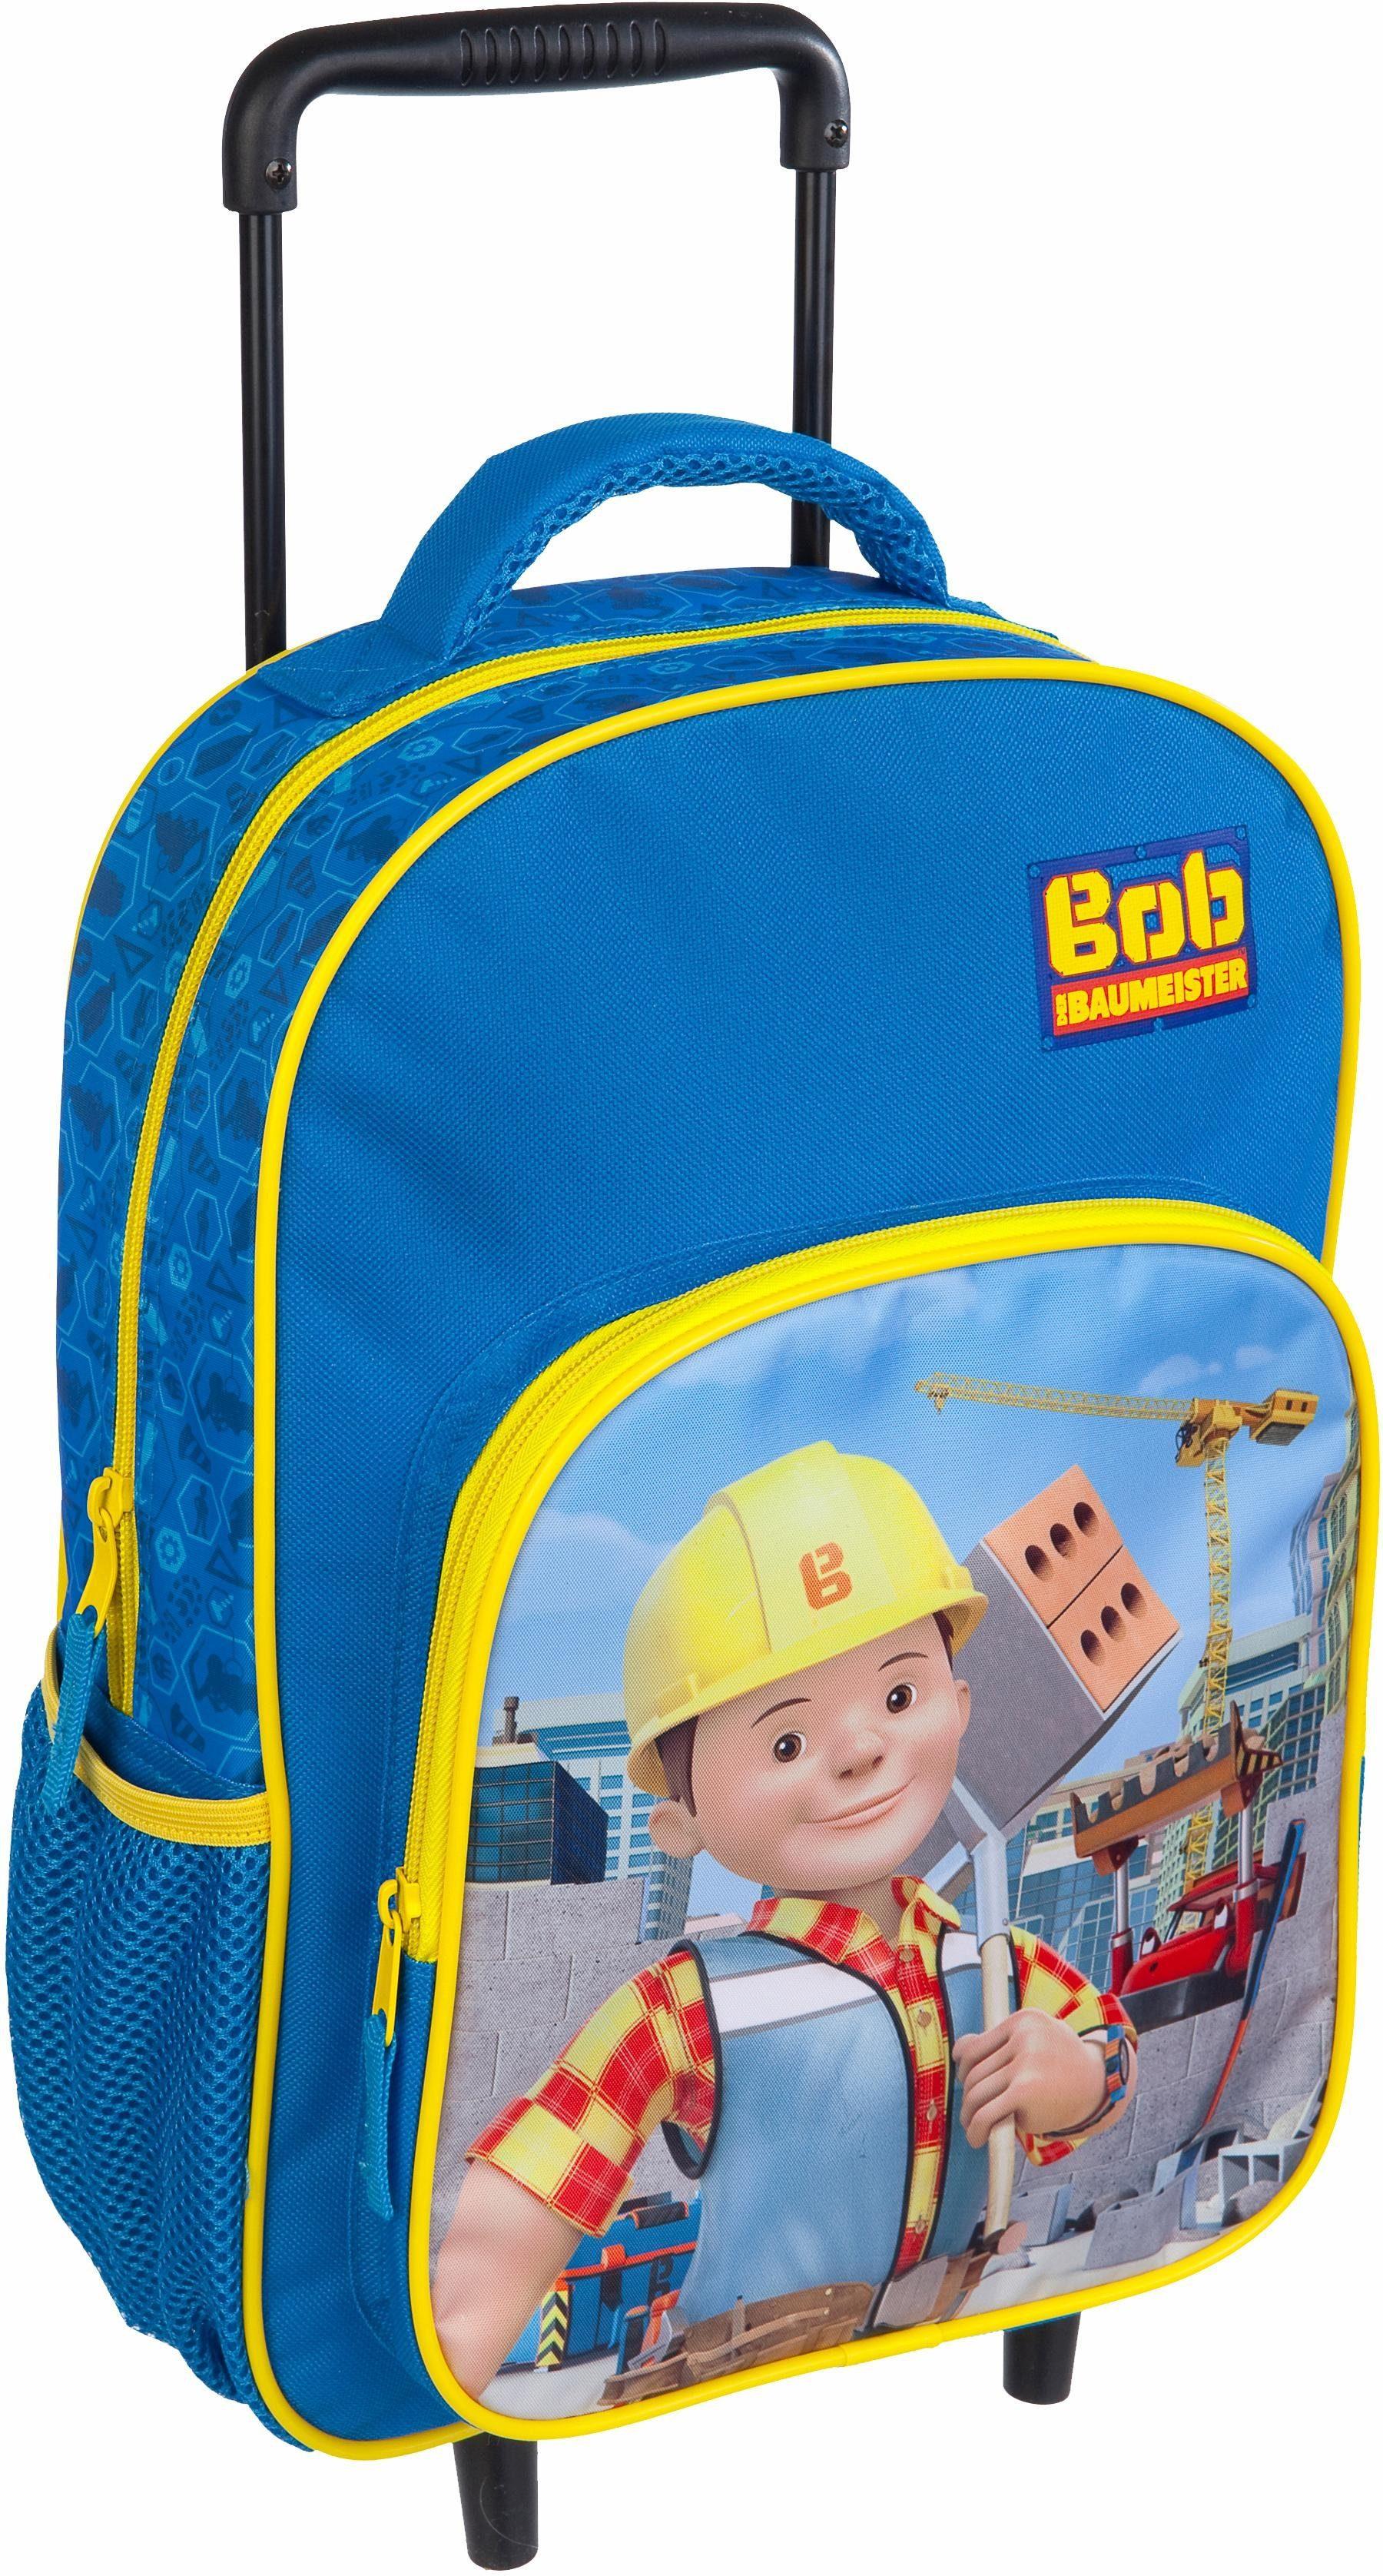 Undercover Kindertrolley mit 2 Rollen, »Bob der Baumeister«